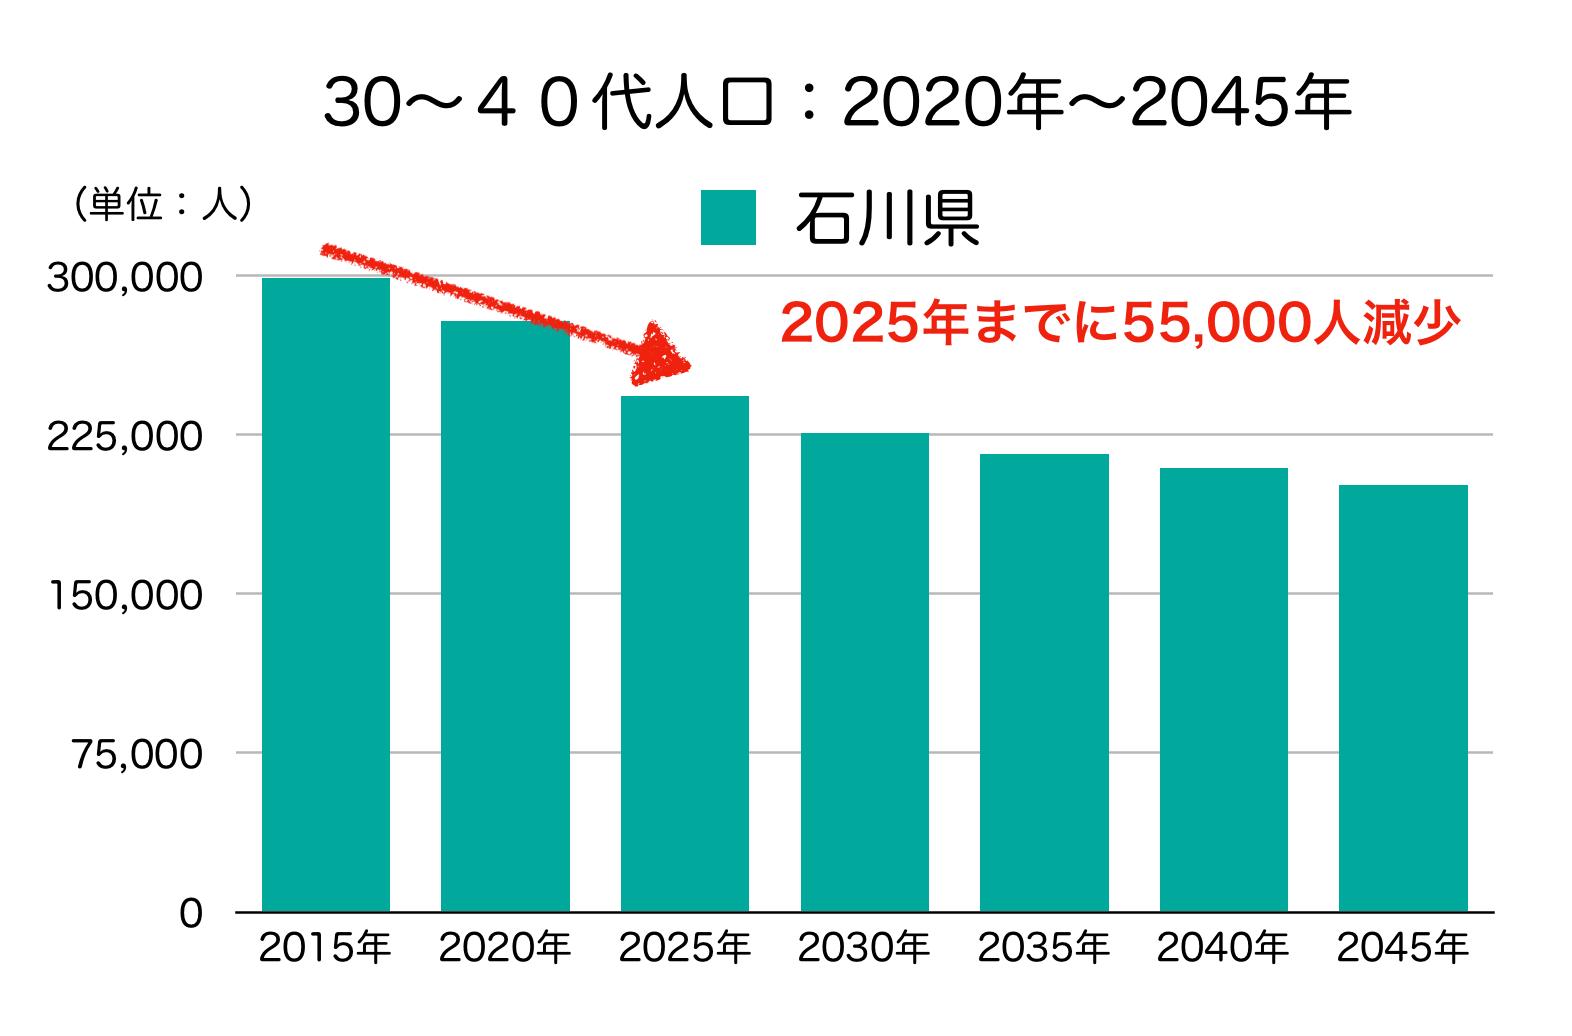 石川県の30、40代人口の予測